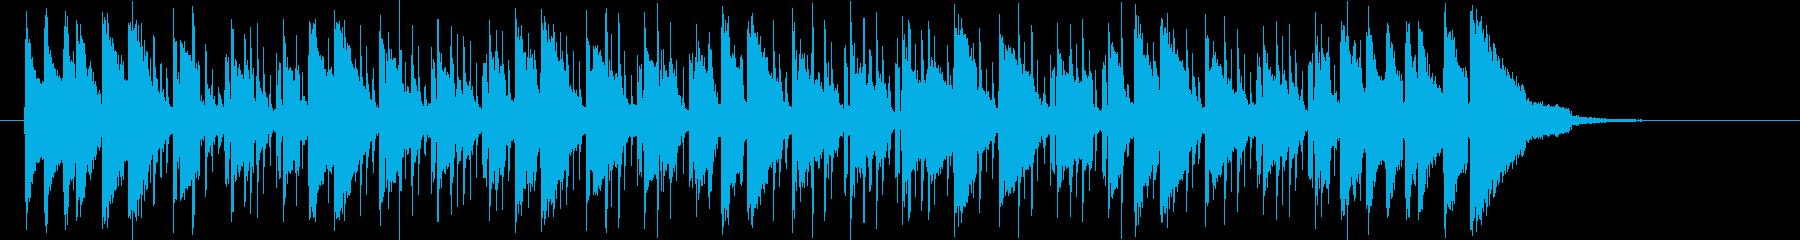 ベースが心地よい華やかなシンセの曲の再生済みの波形